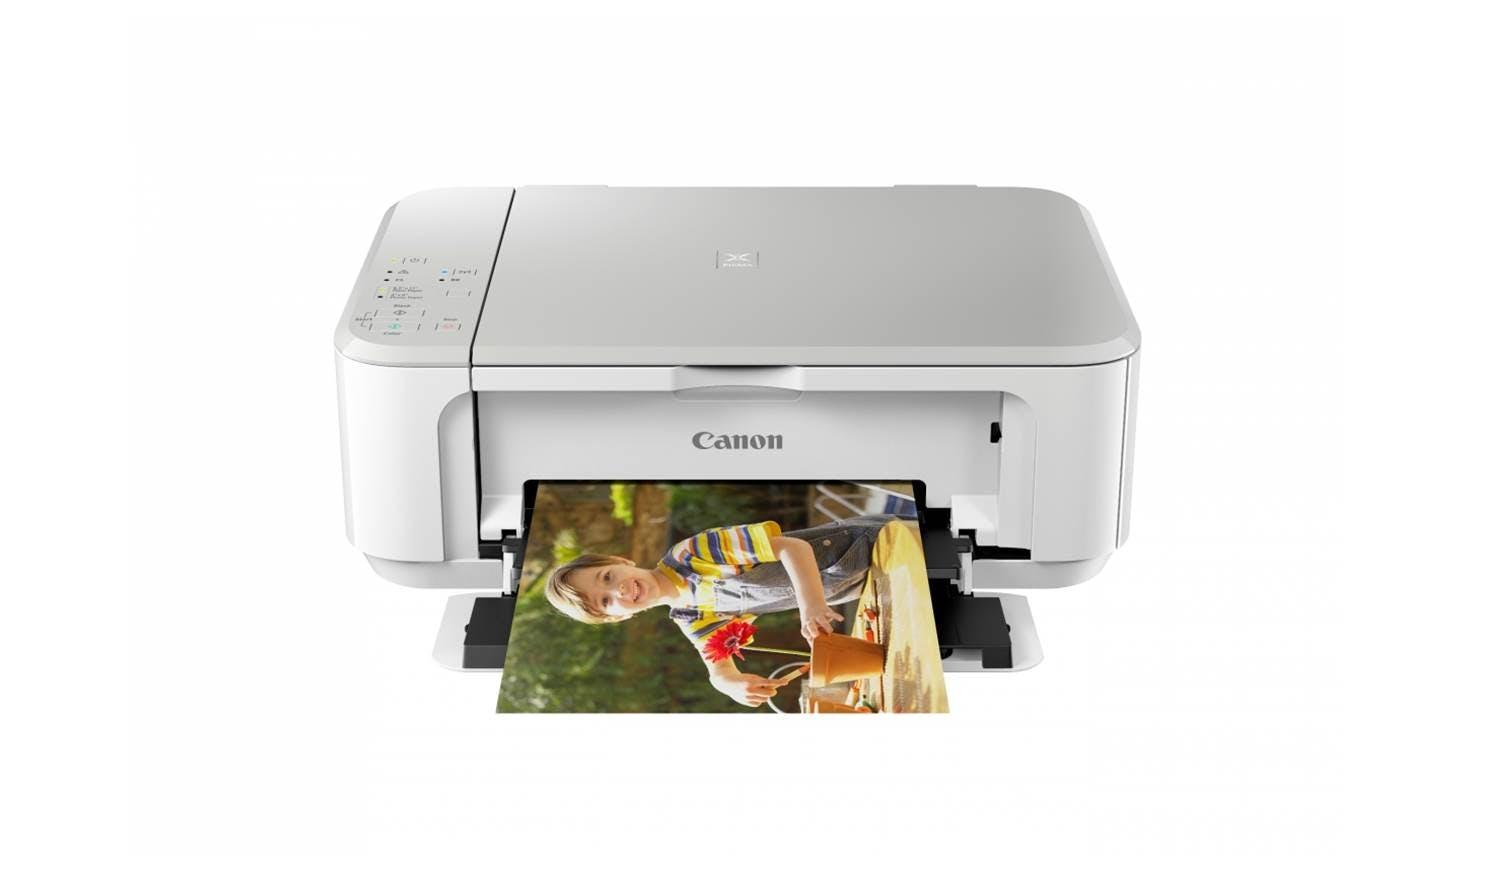 Canon Pixma Mg 3670 All In One Printer White Harvey